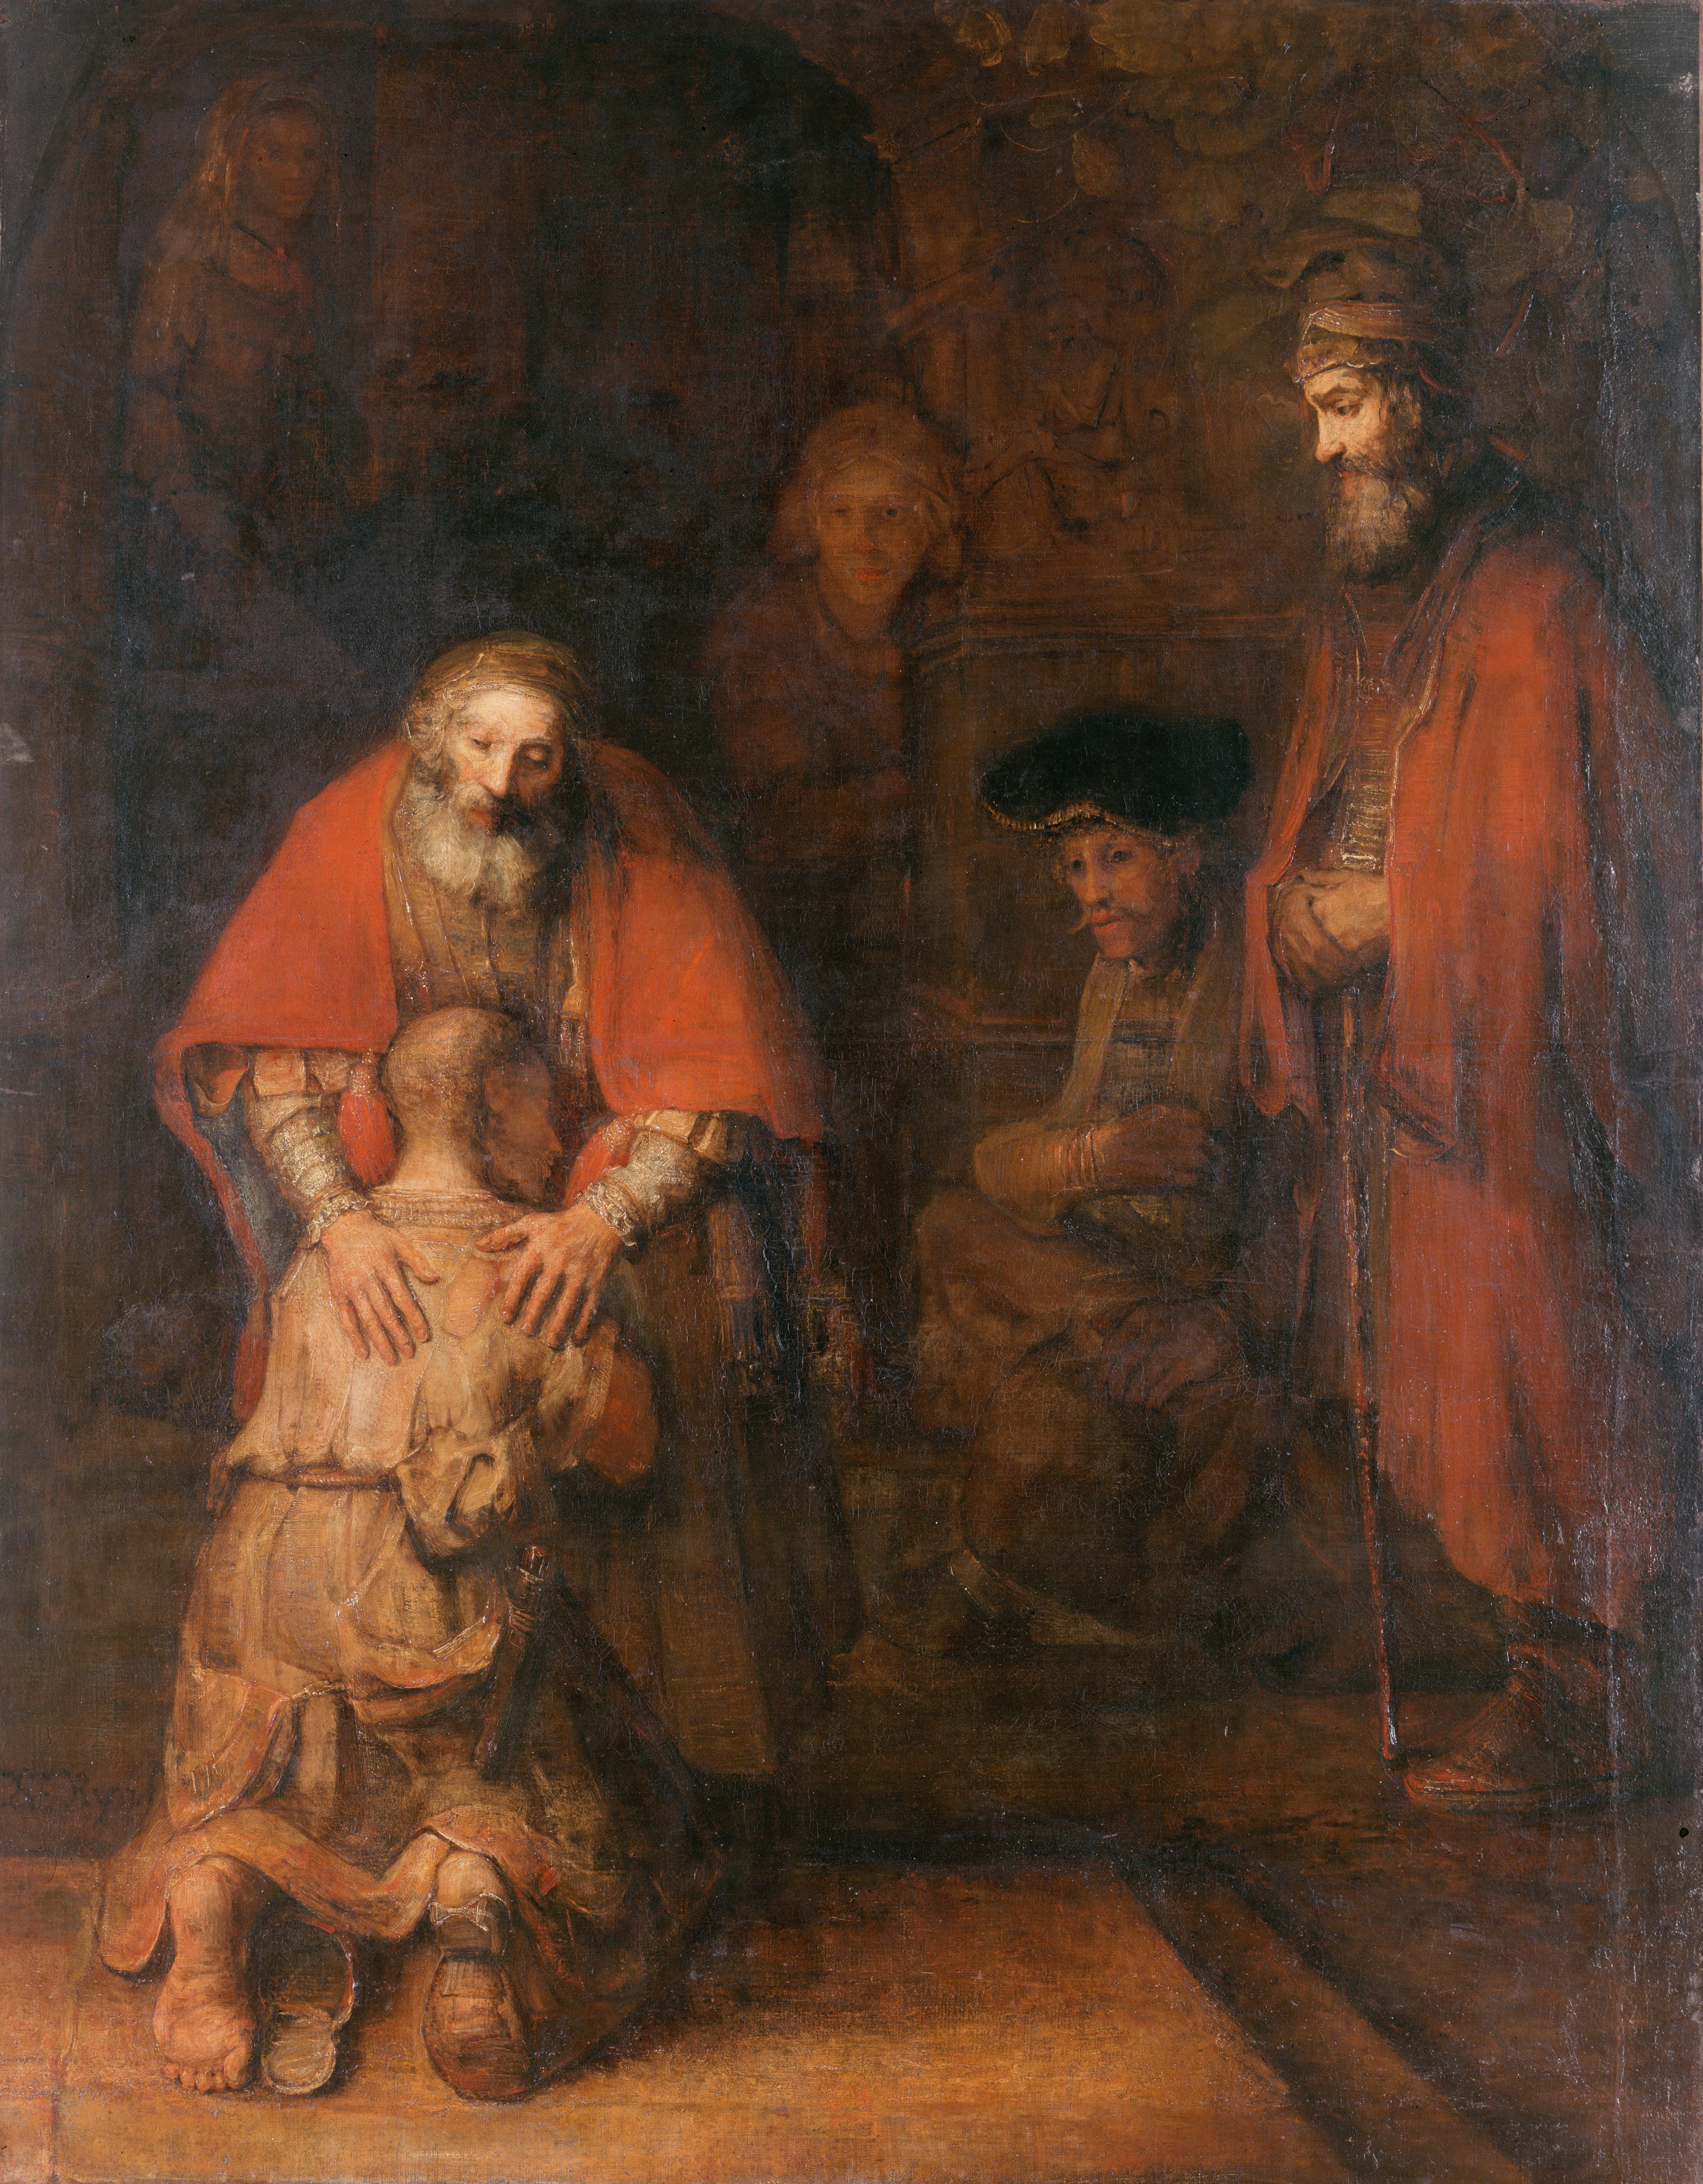 Rembrandt Harmenszoon van Rijn (1606-1669) - Powrót syna marnotrawnego